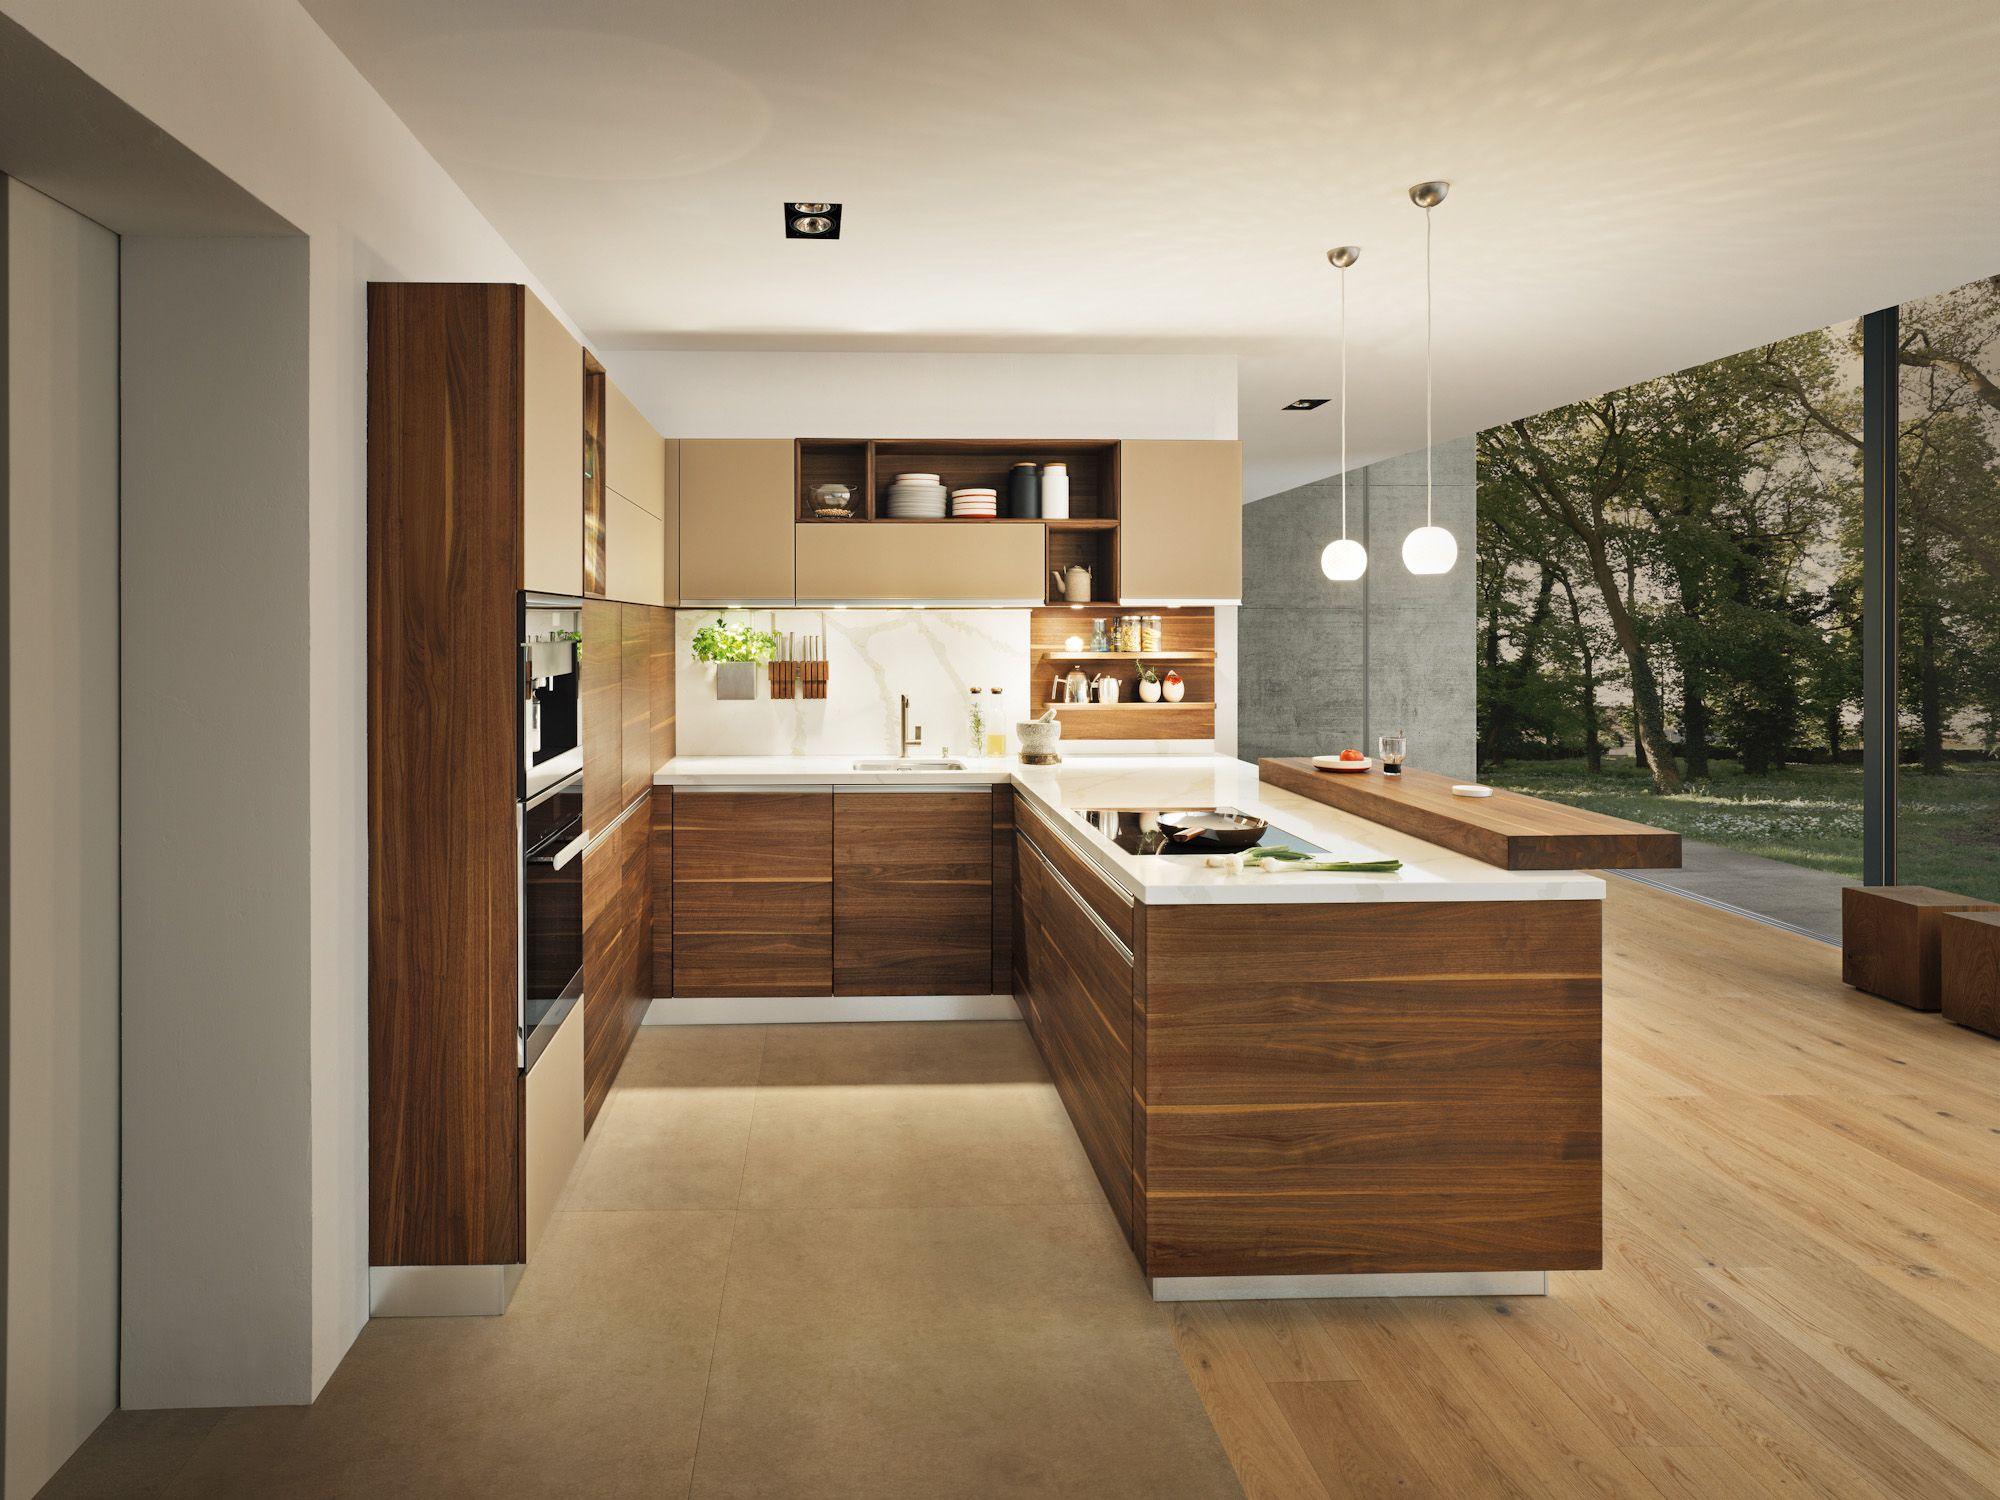 Küche Nussbaum massiv geölt grifflos